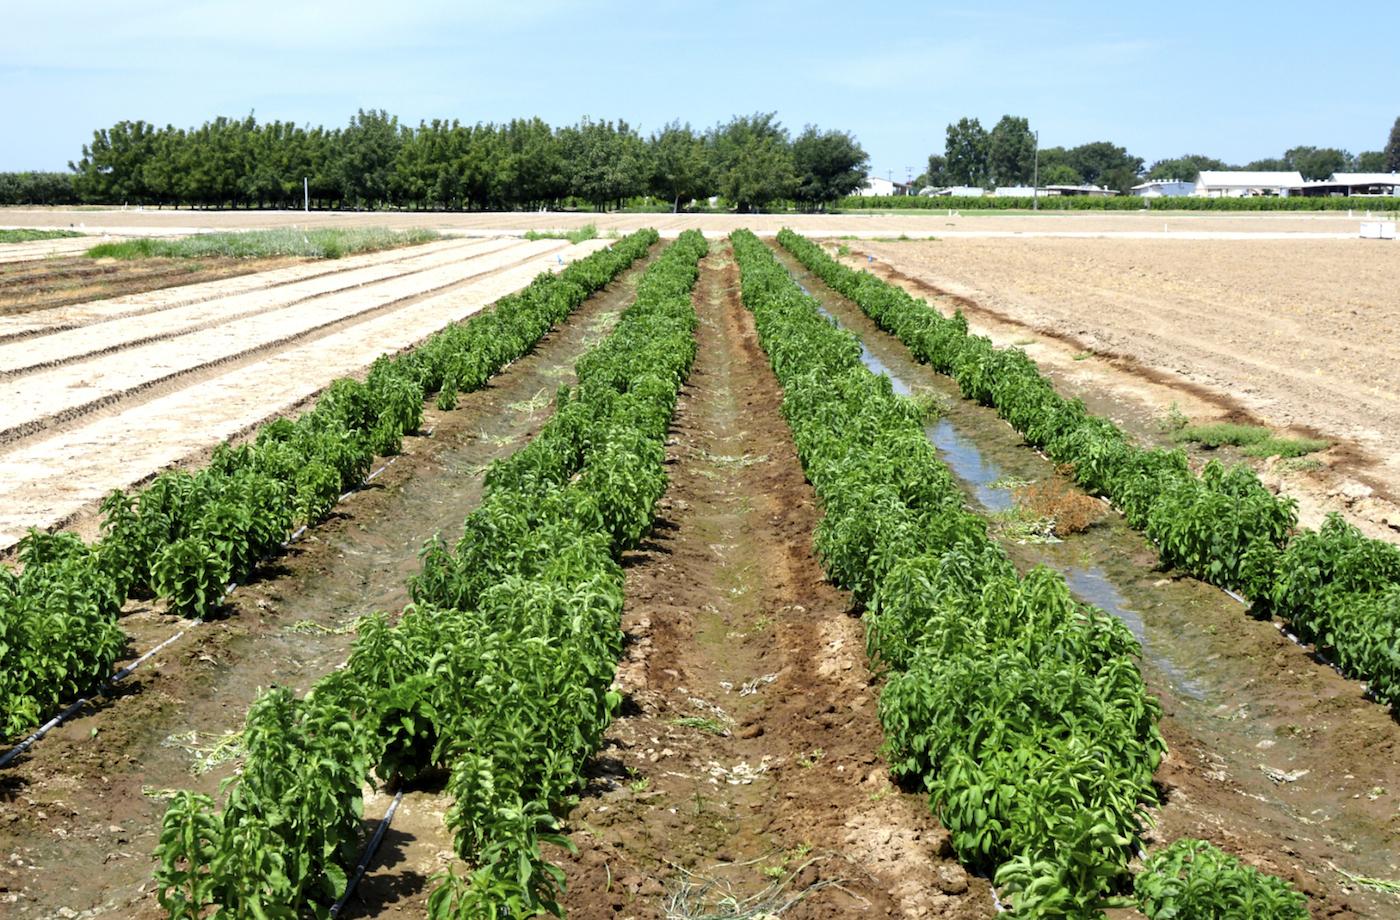 La stevia può essere coltivata in tutto il mondo. I rendimenti sono più alti nei paesi con temperatura e luminosità alta.